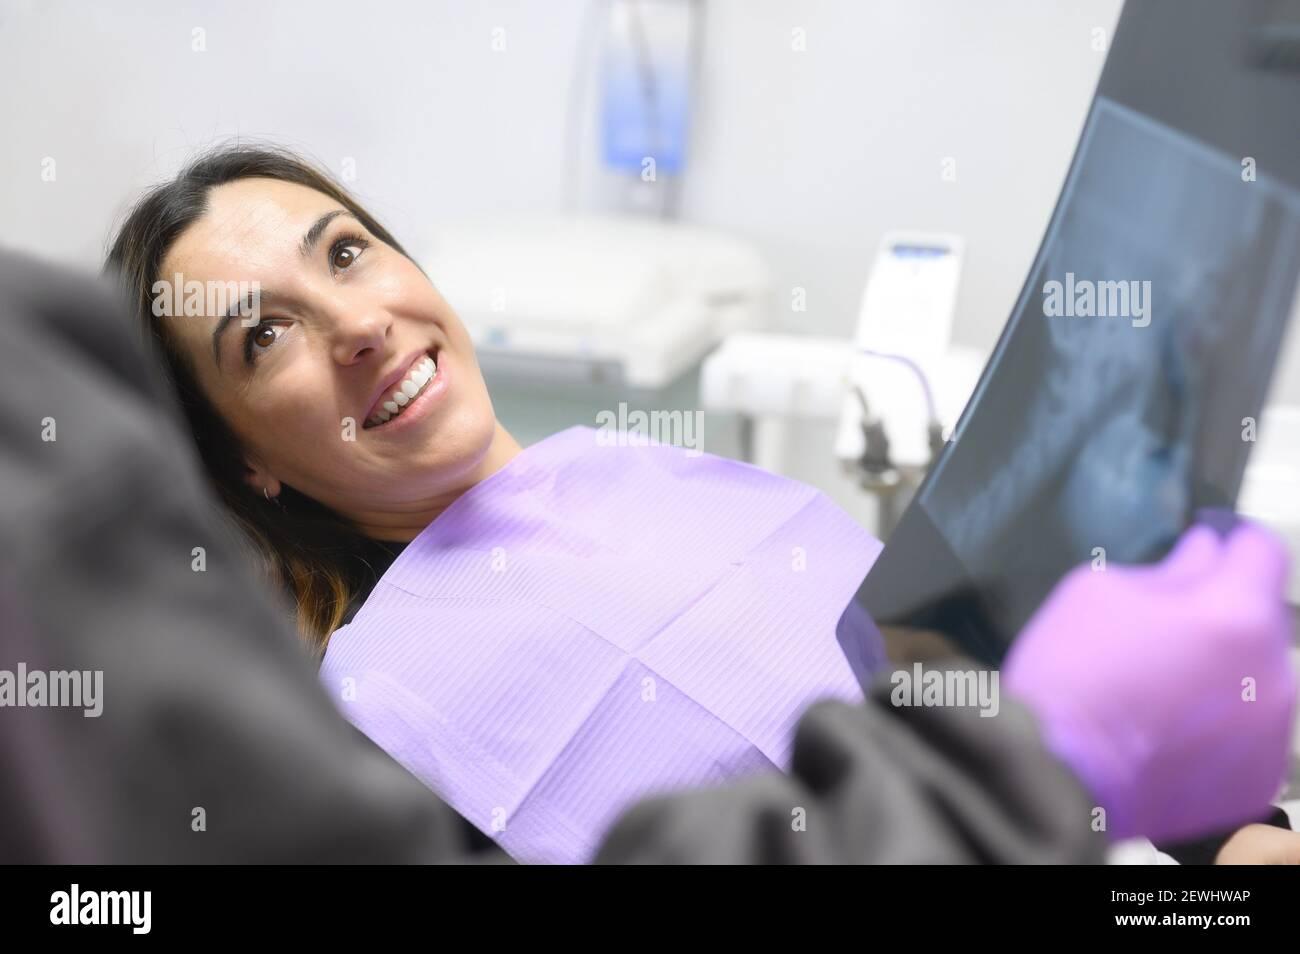 Bonne jeune femme, lors de la consultation avec le dentiste montrant des rayons X dans le cabinet dentaire. Photo de haute qualité. Banque D'Images